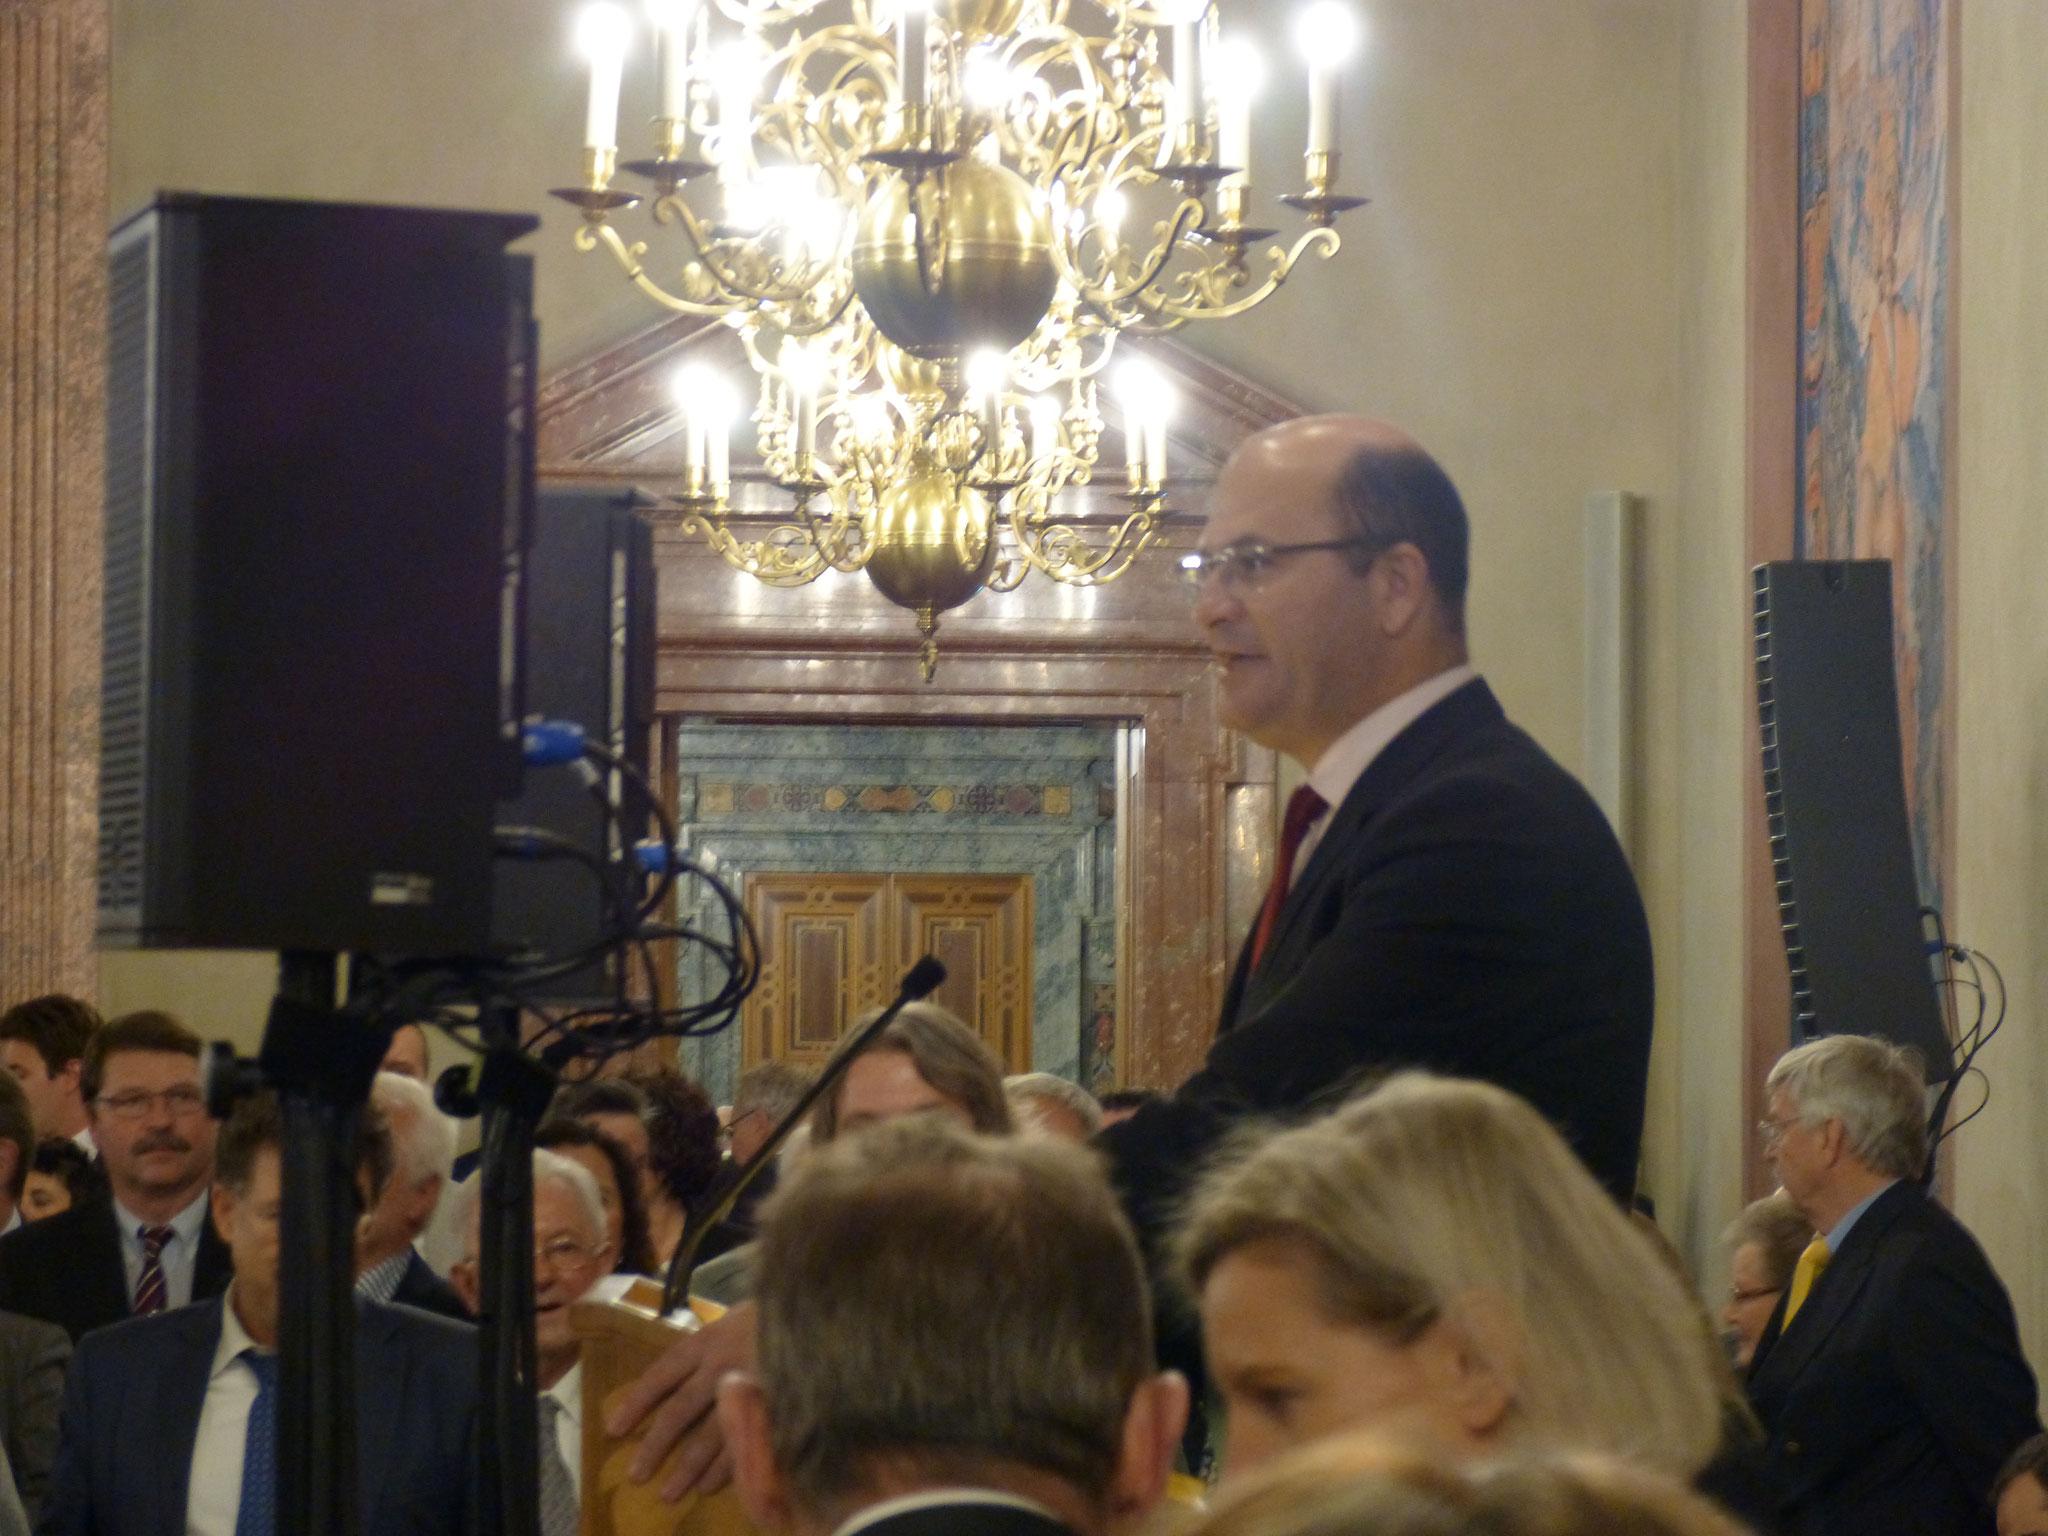 Der Bayerische Finanzminister Abert Füracker begrüßt die Gäste im Kaiser-Vierschimmelsaal der Residenz München